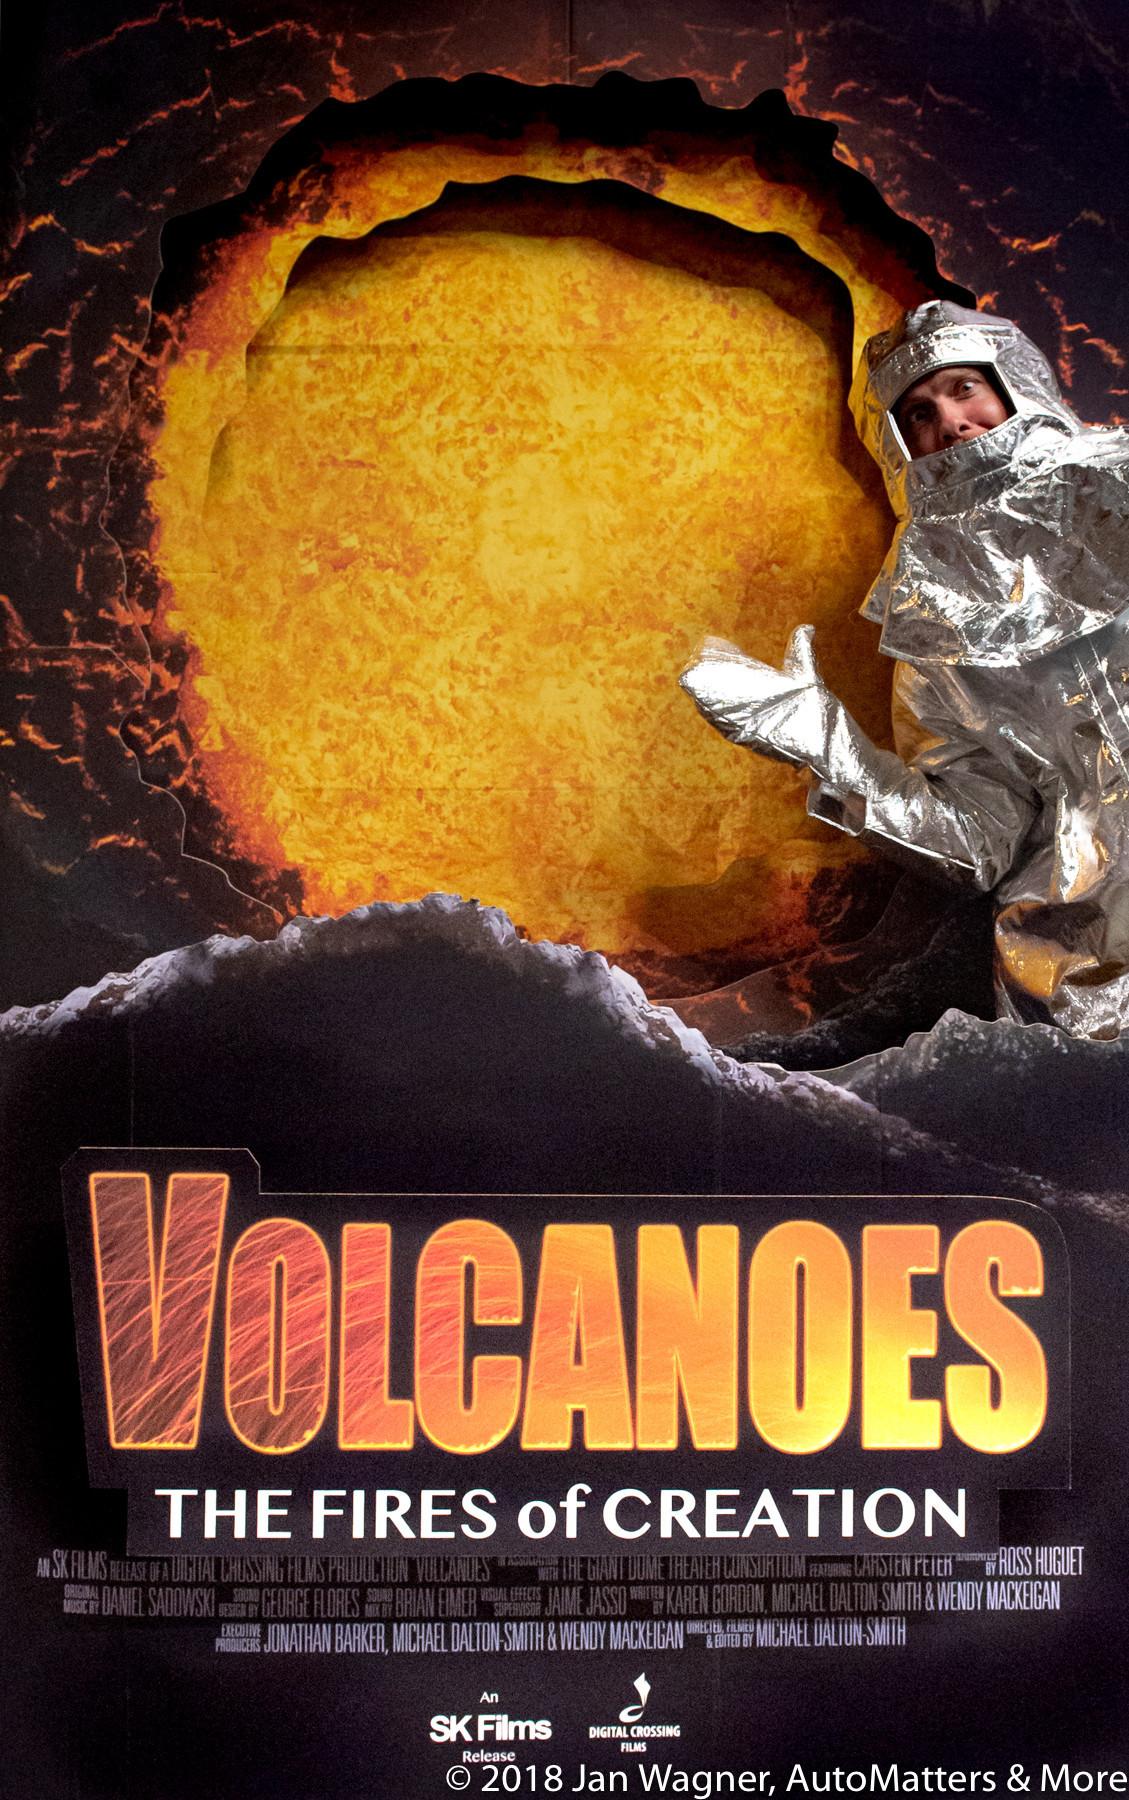 Volcanoes Fires